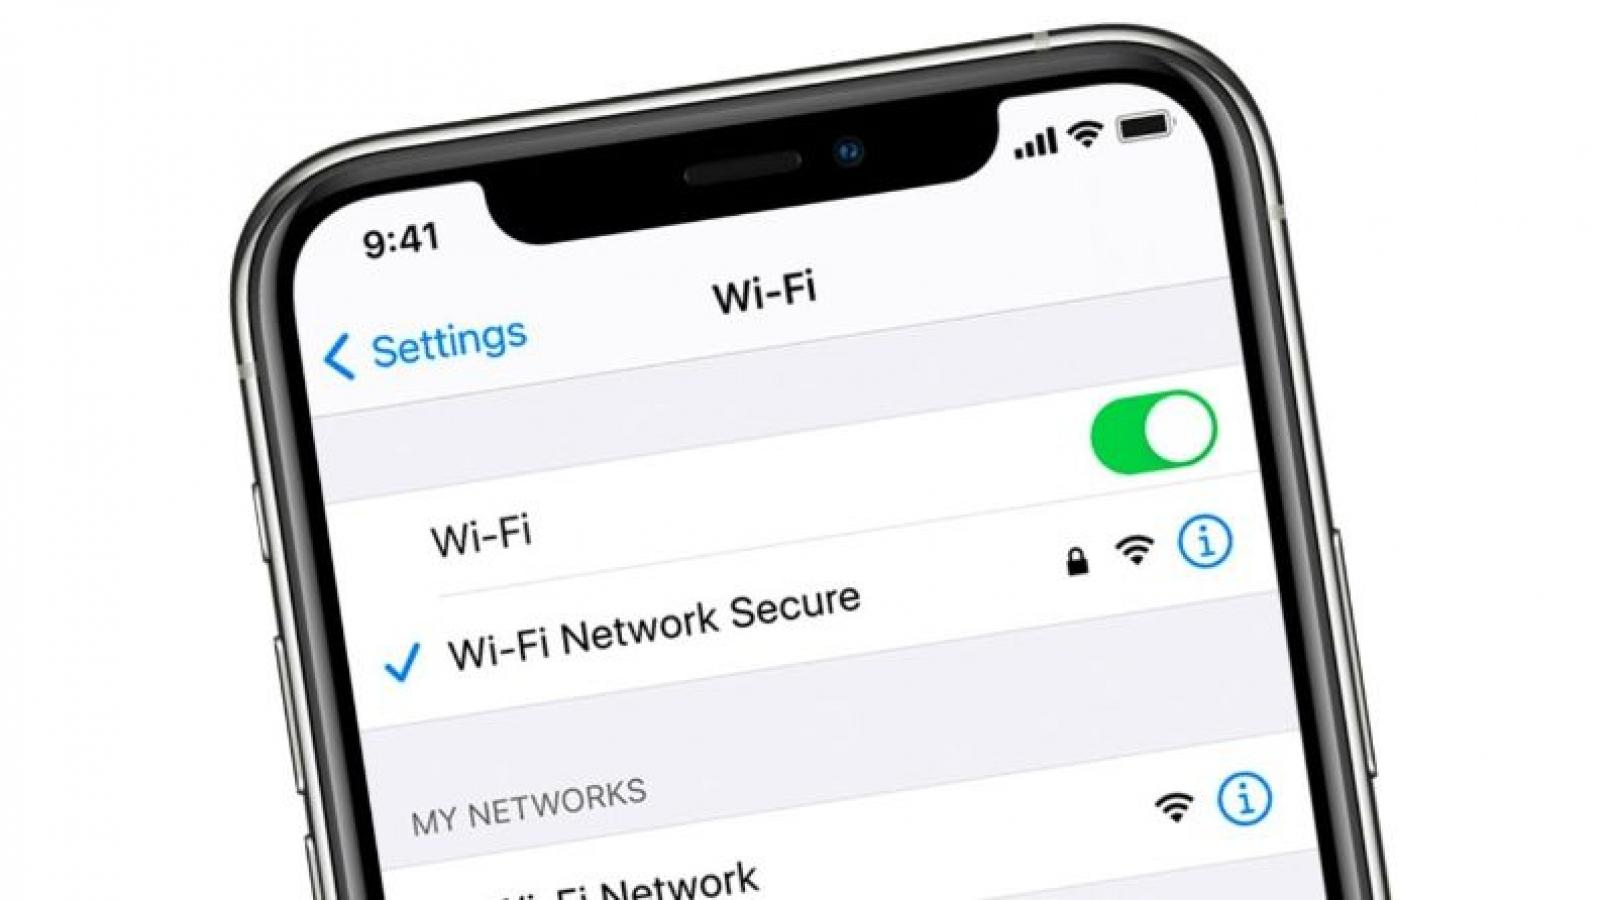 Cảnh giác trước lỗ hổng nghiêm trọng khi vào Wi-Fi trên iPhone